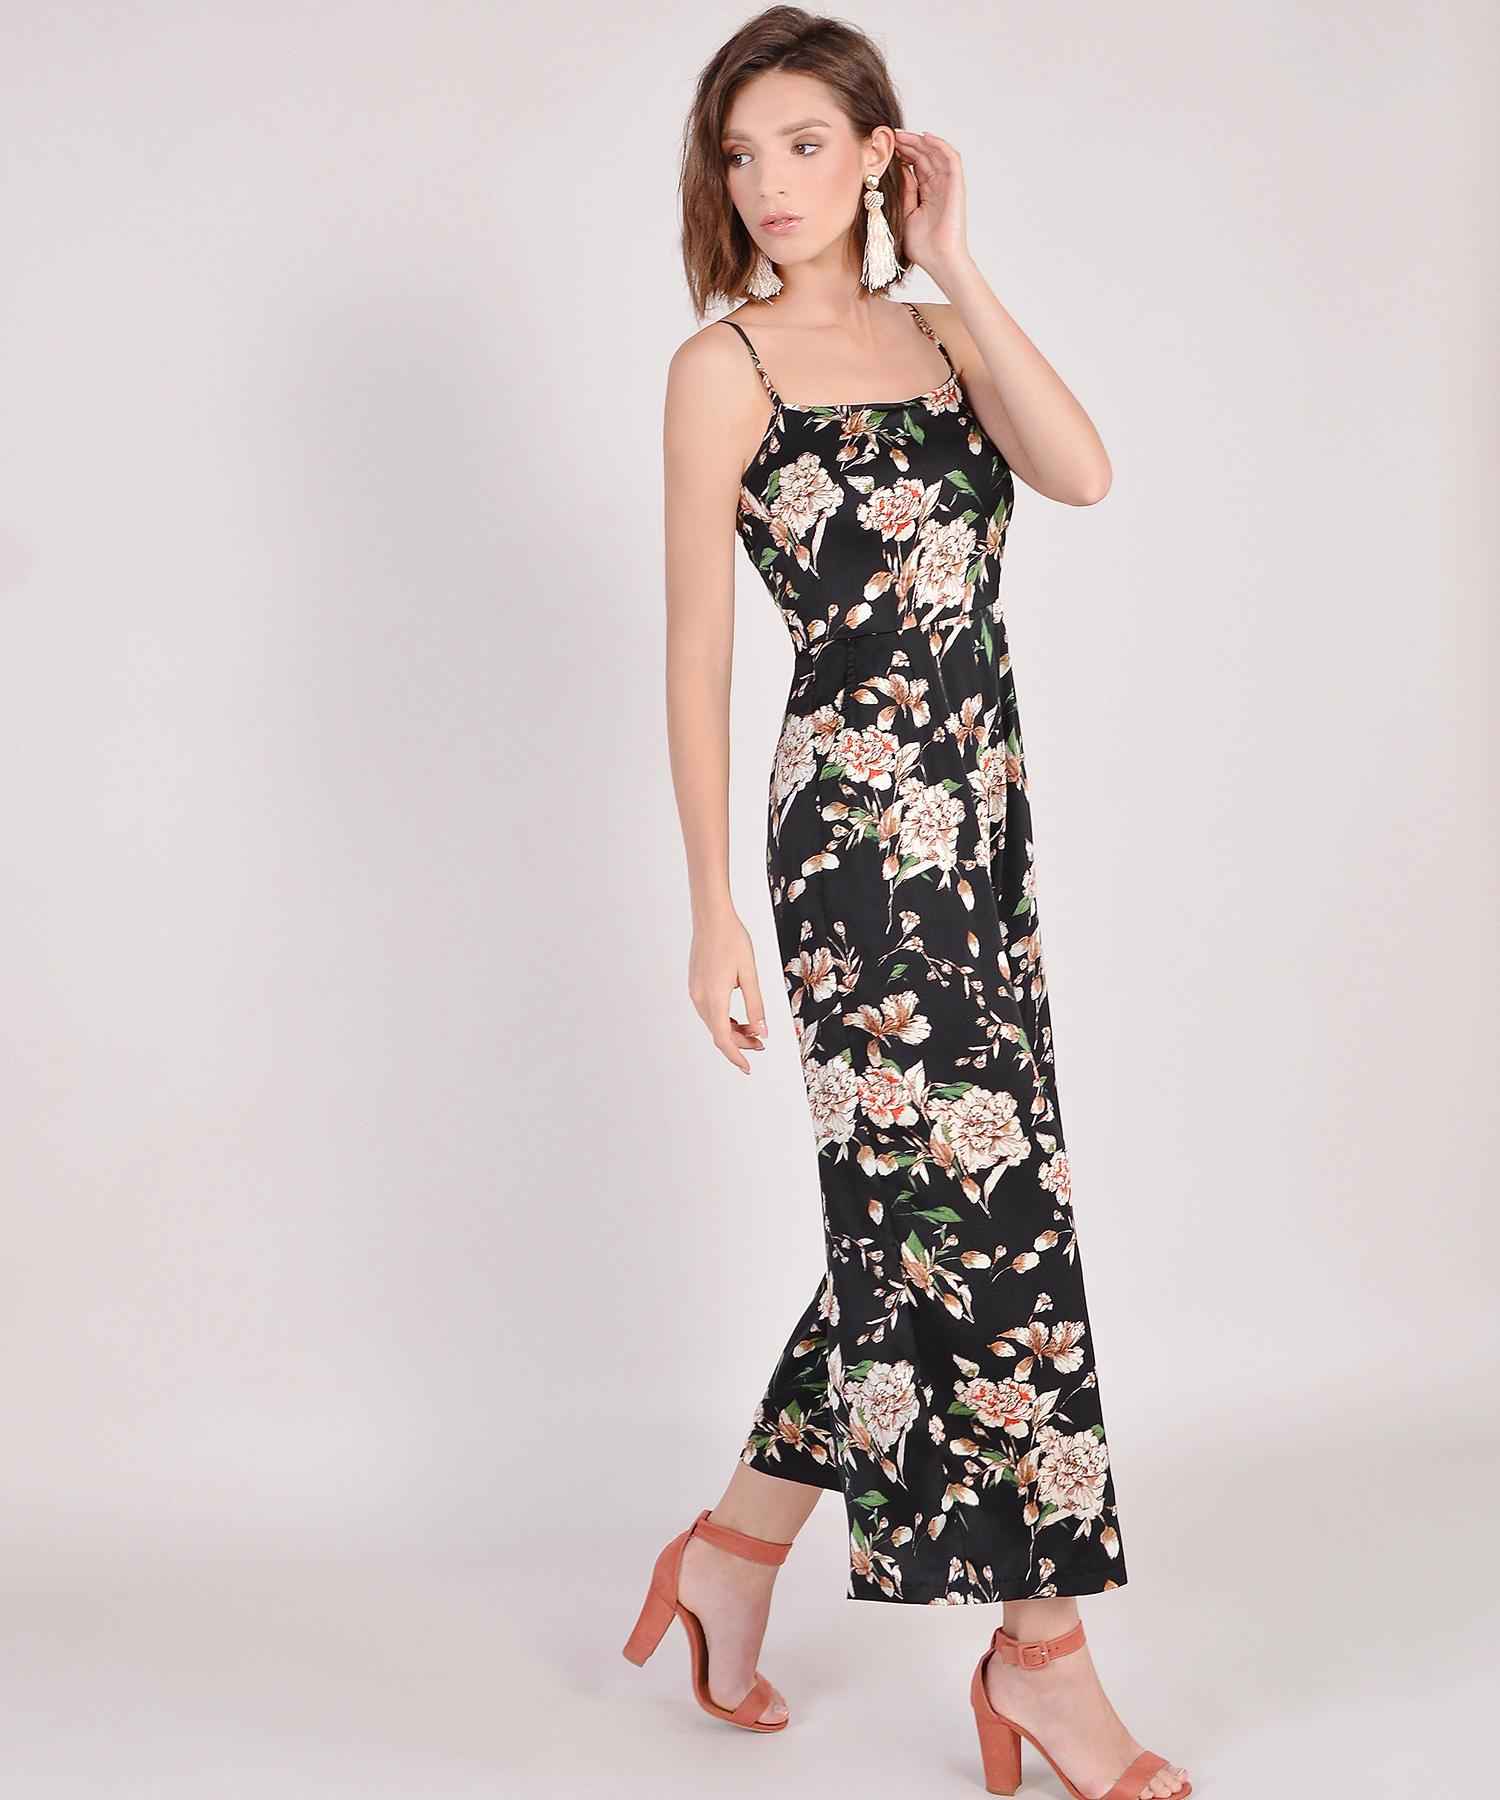 b4f192f8c0c Glossier Floral Jumpsuit - Black